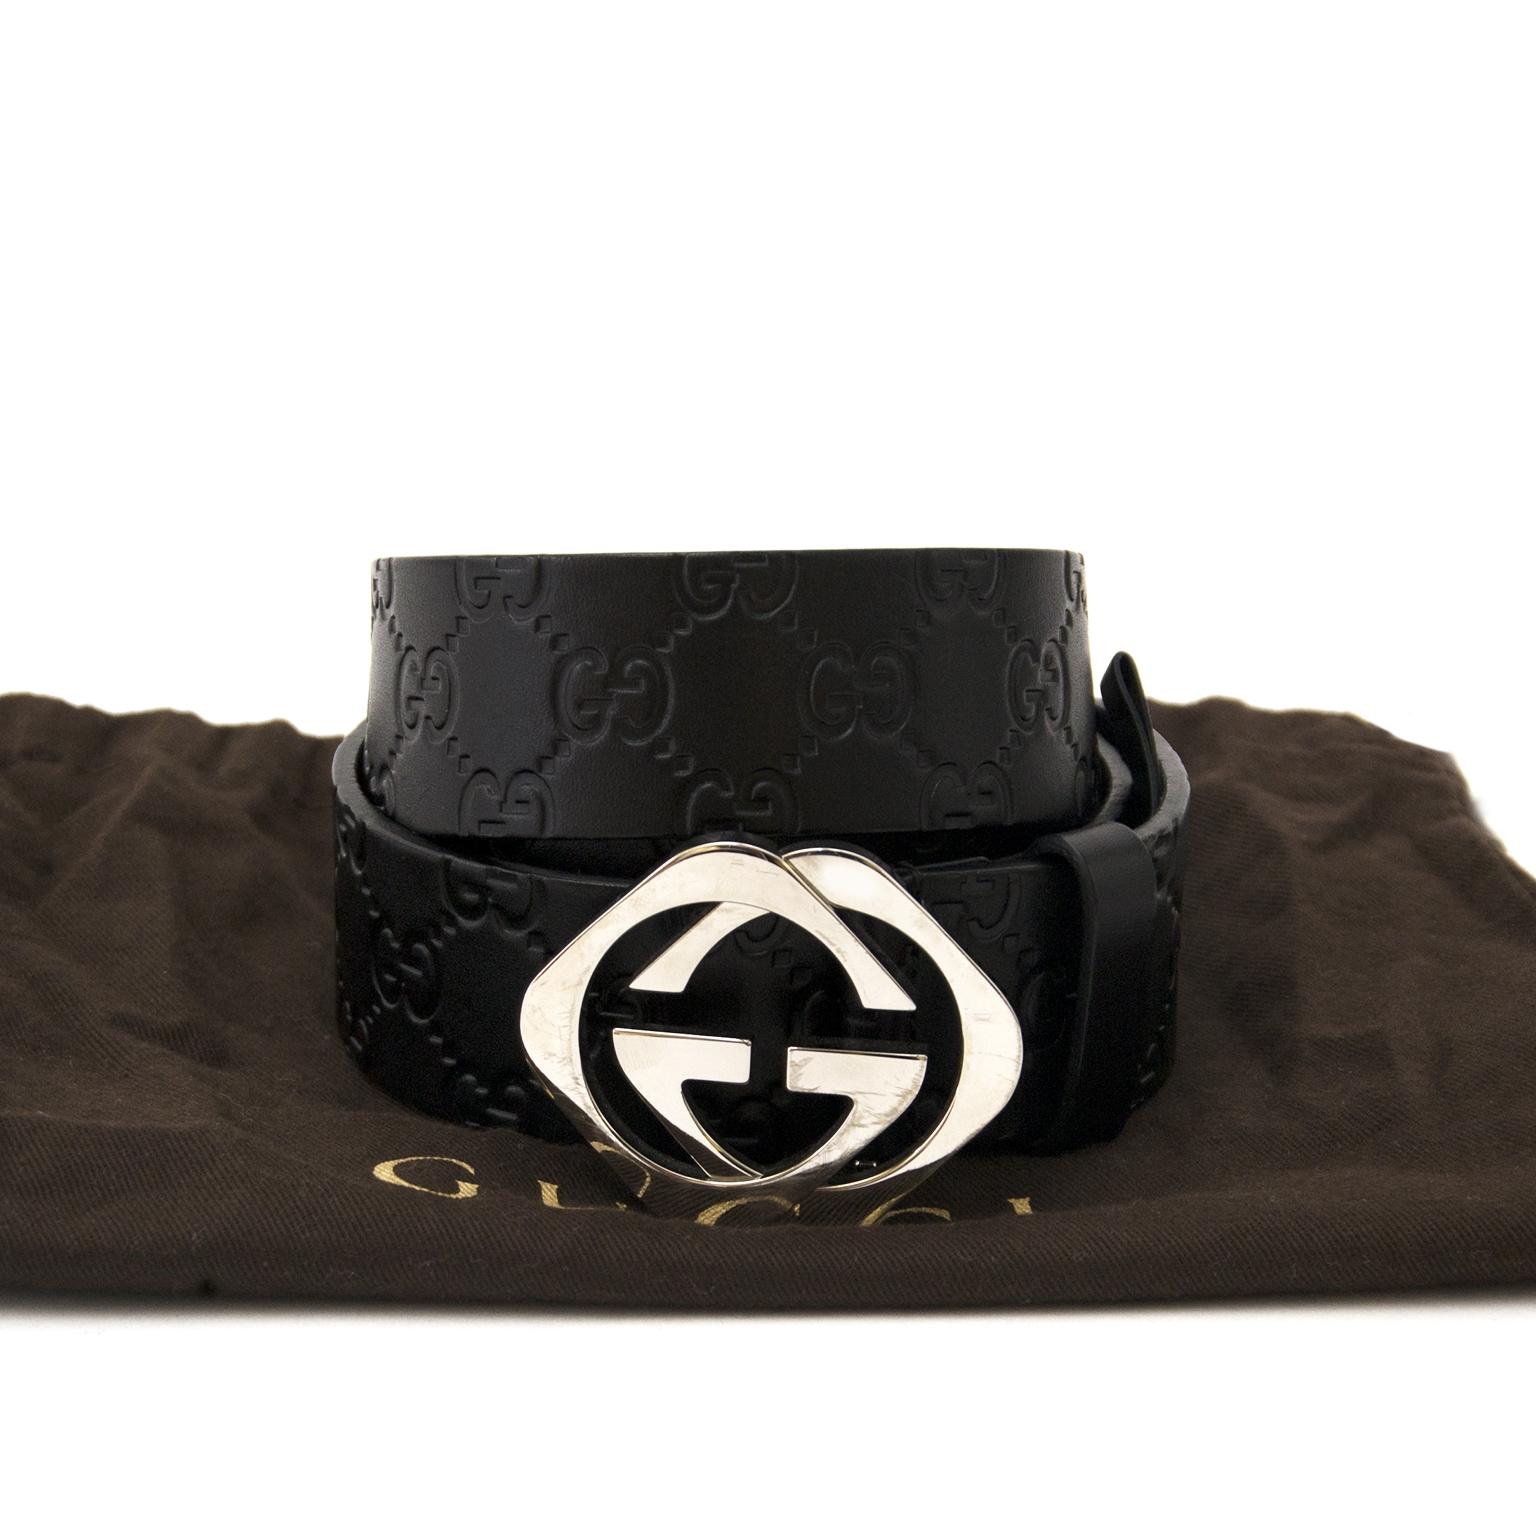 Acheter secur en ligne votre ceinture en cuir Gucci monogram pour le meilleur prix